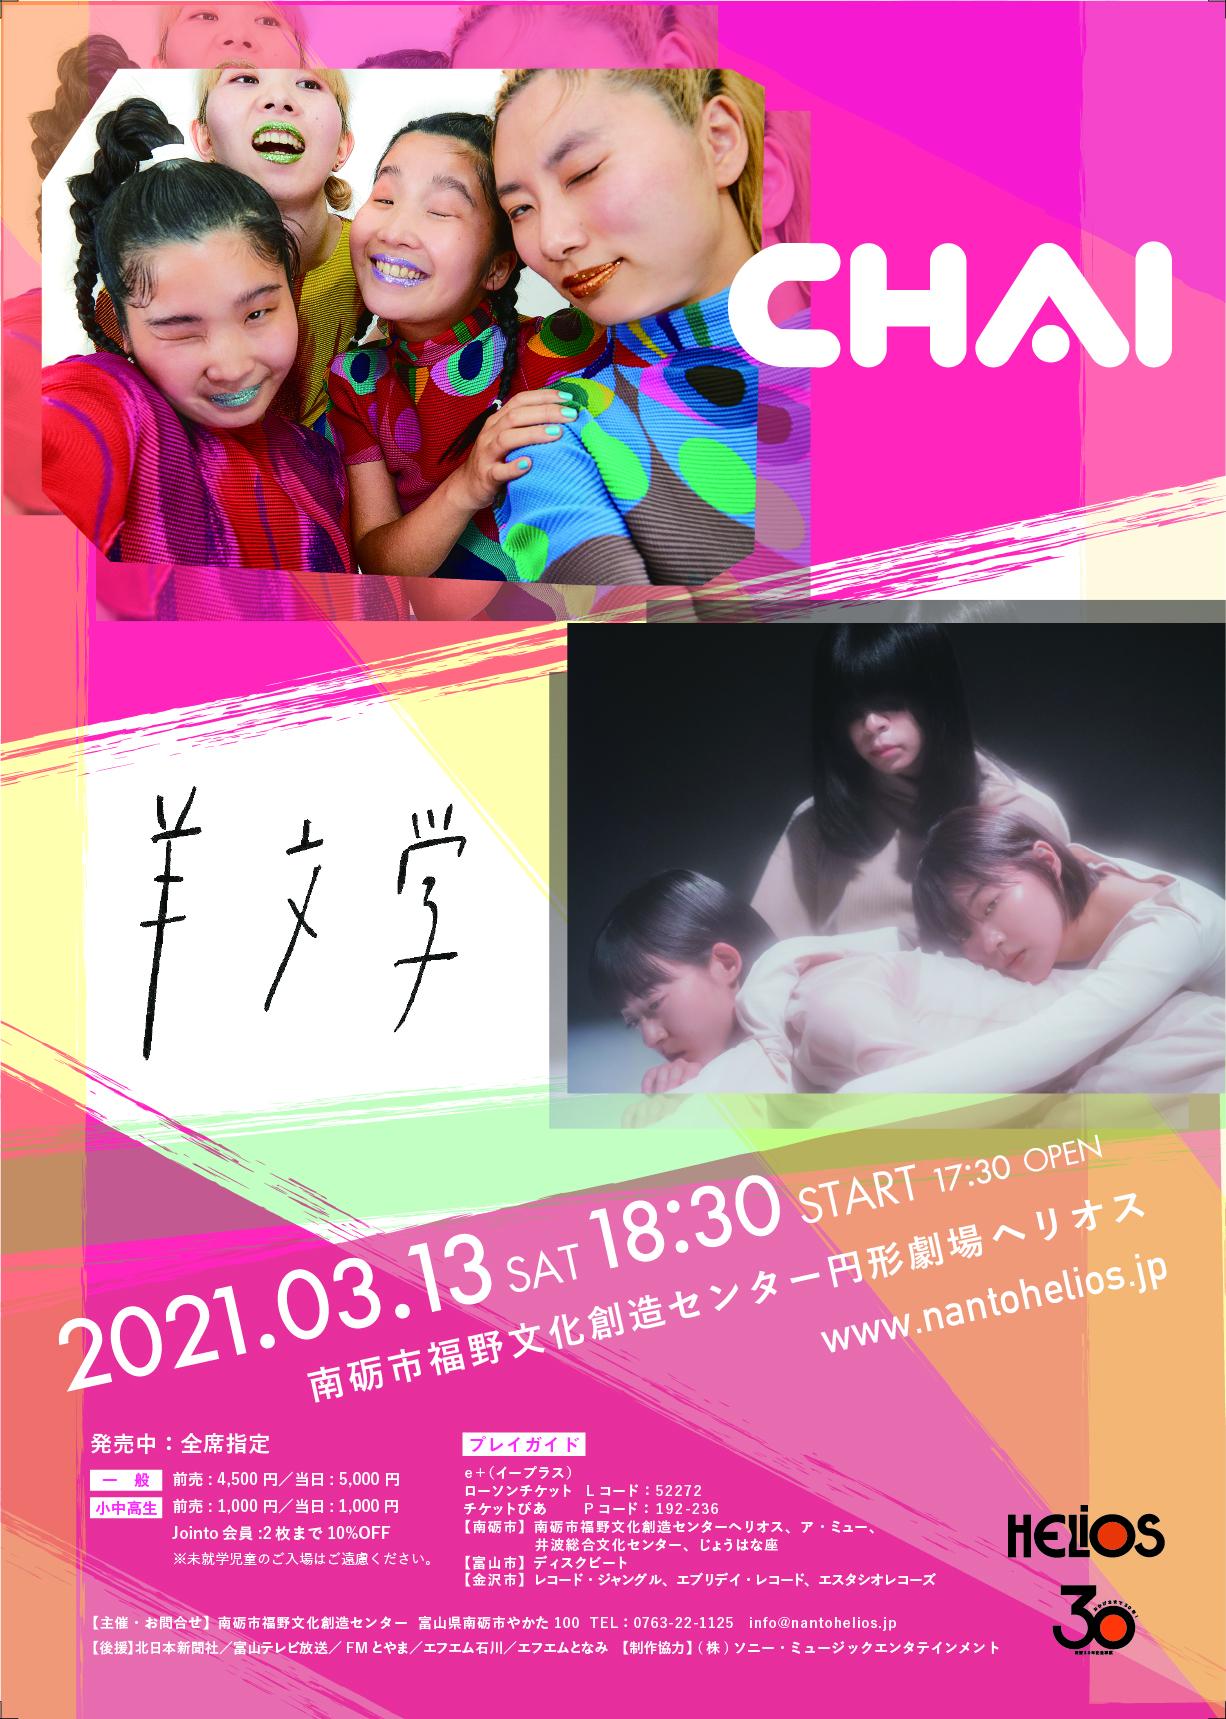 【3/13開催】CHAI×羊文学の画像